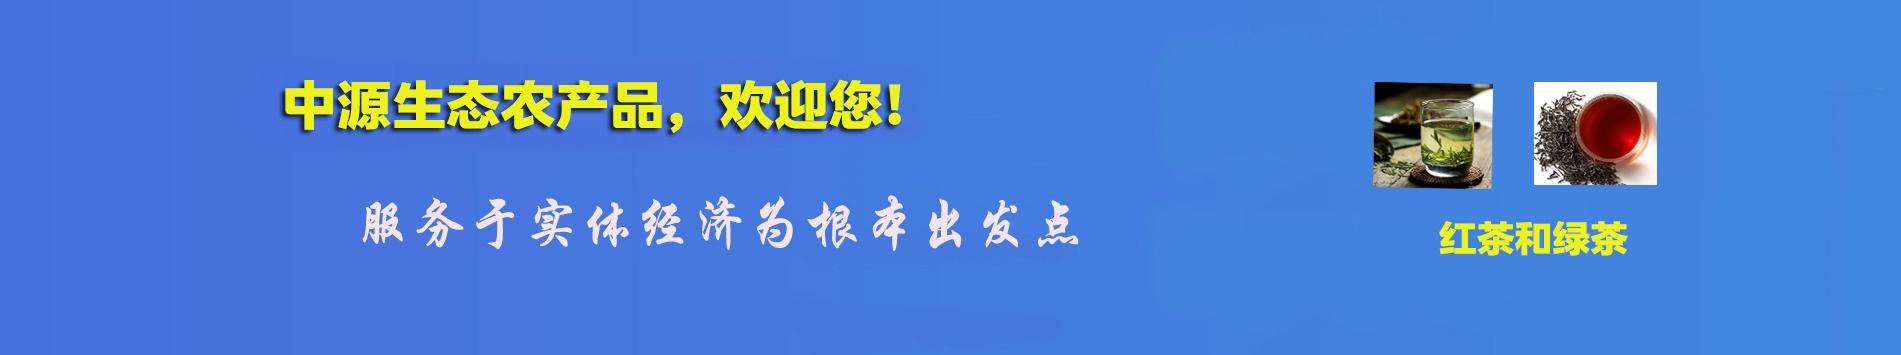 天元农商官网